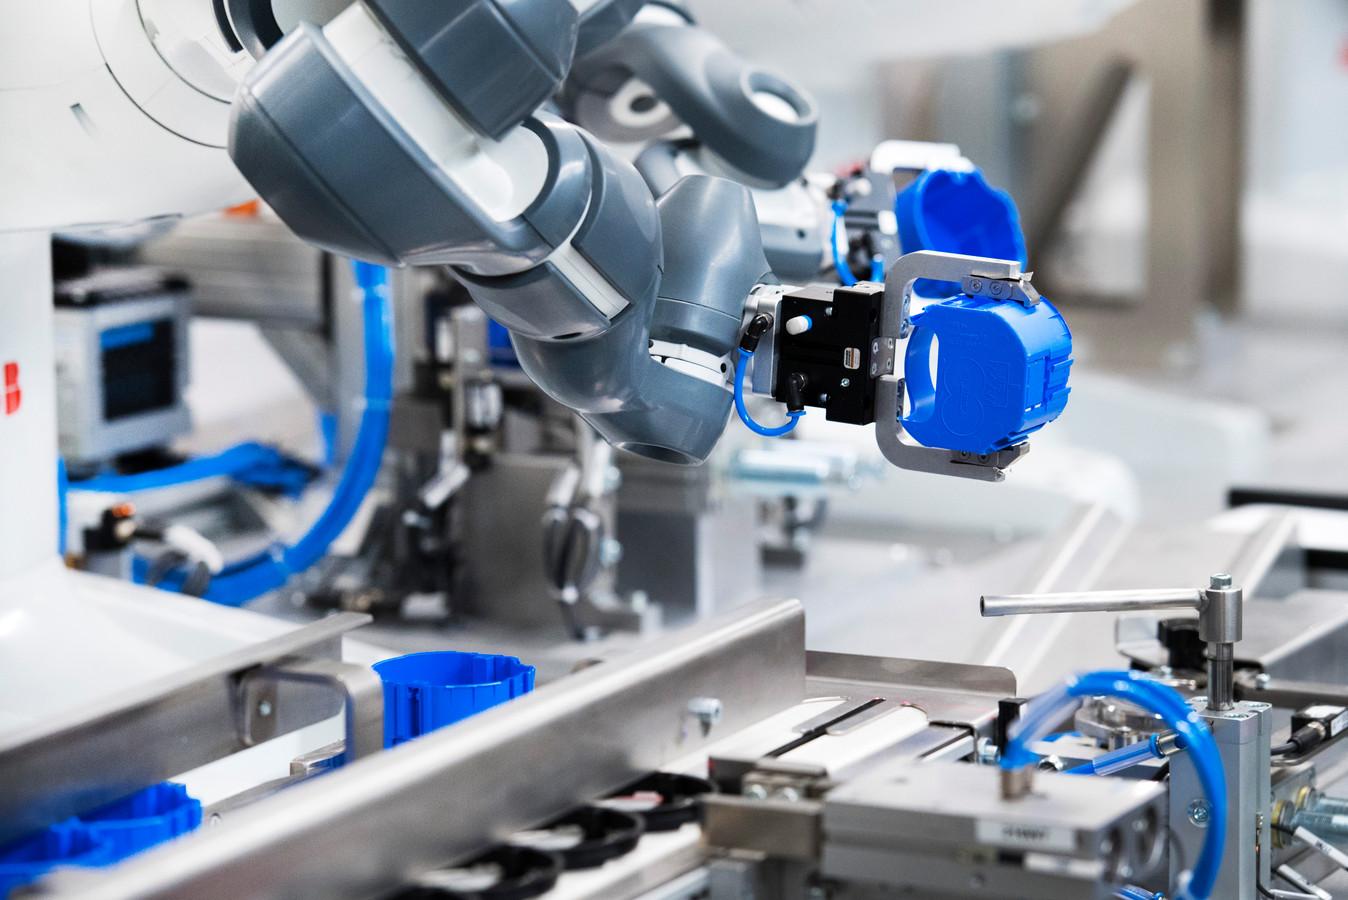 Steeds meer bedrijven gebruiken nieuwe technologieën, zoals robots, op de werkvloer.